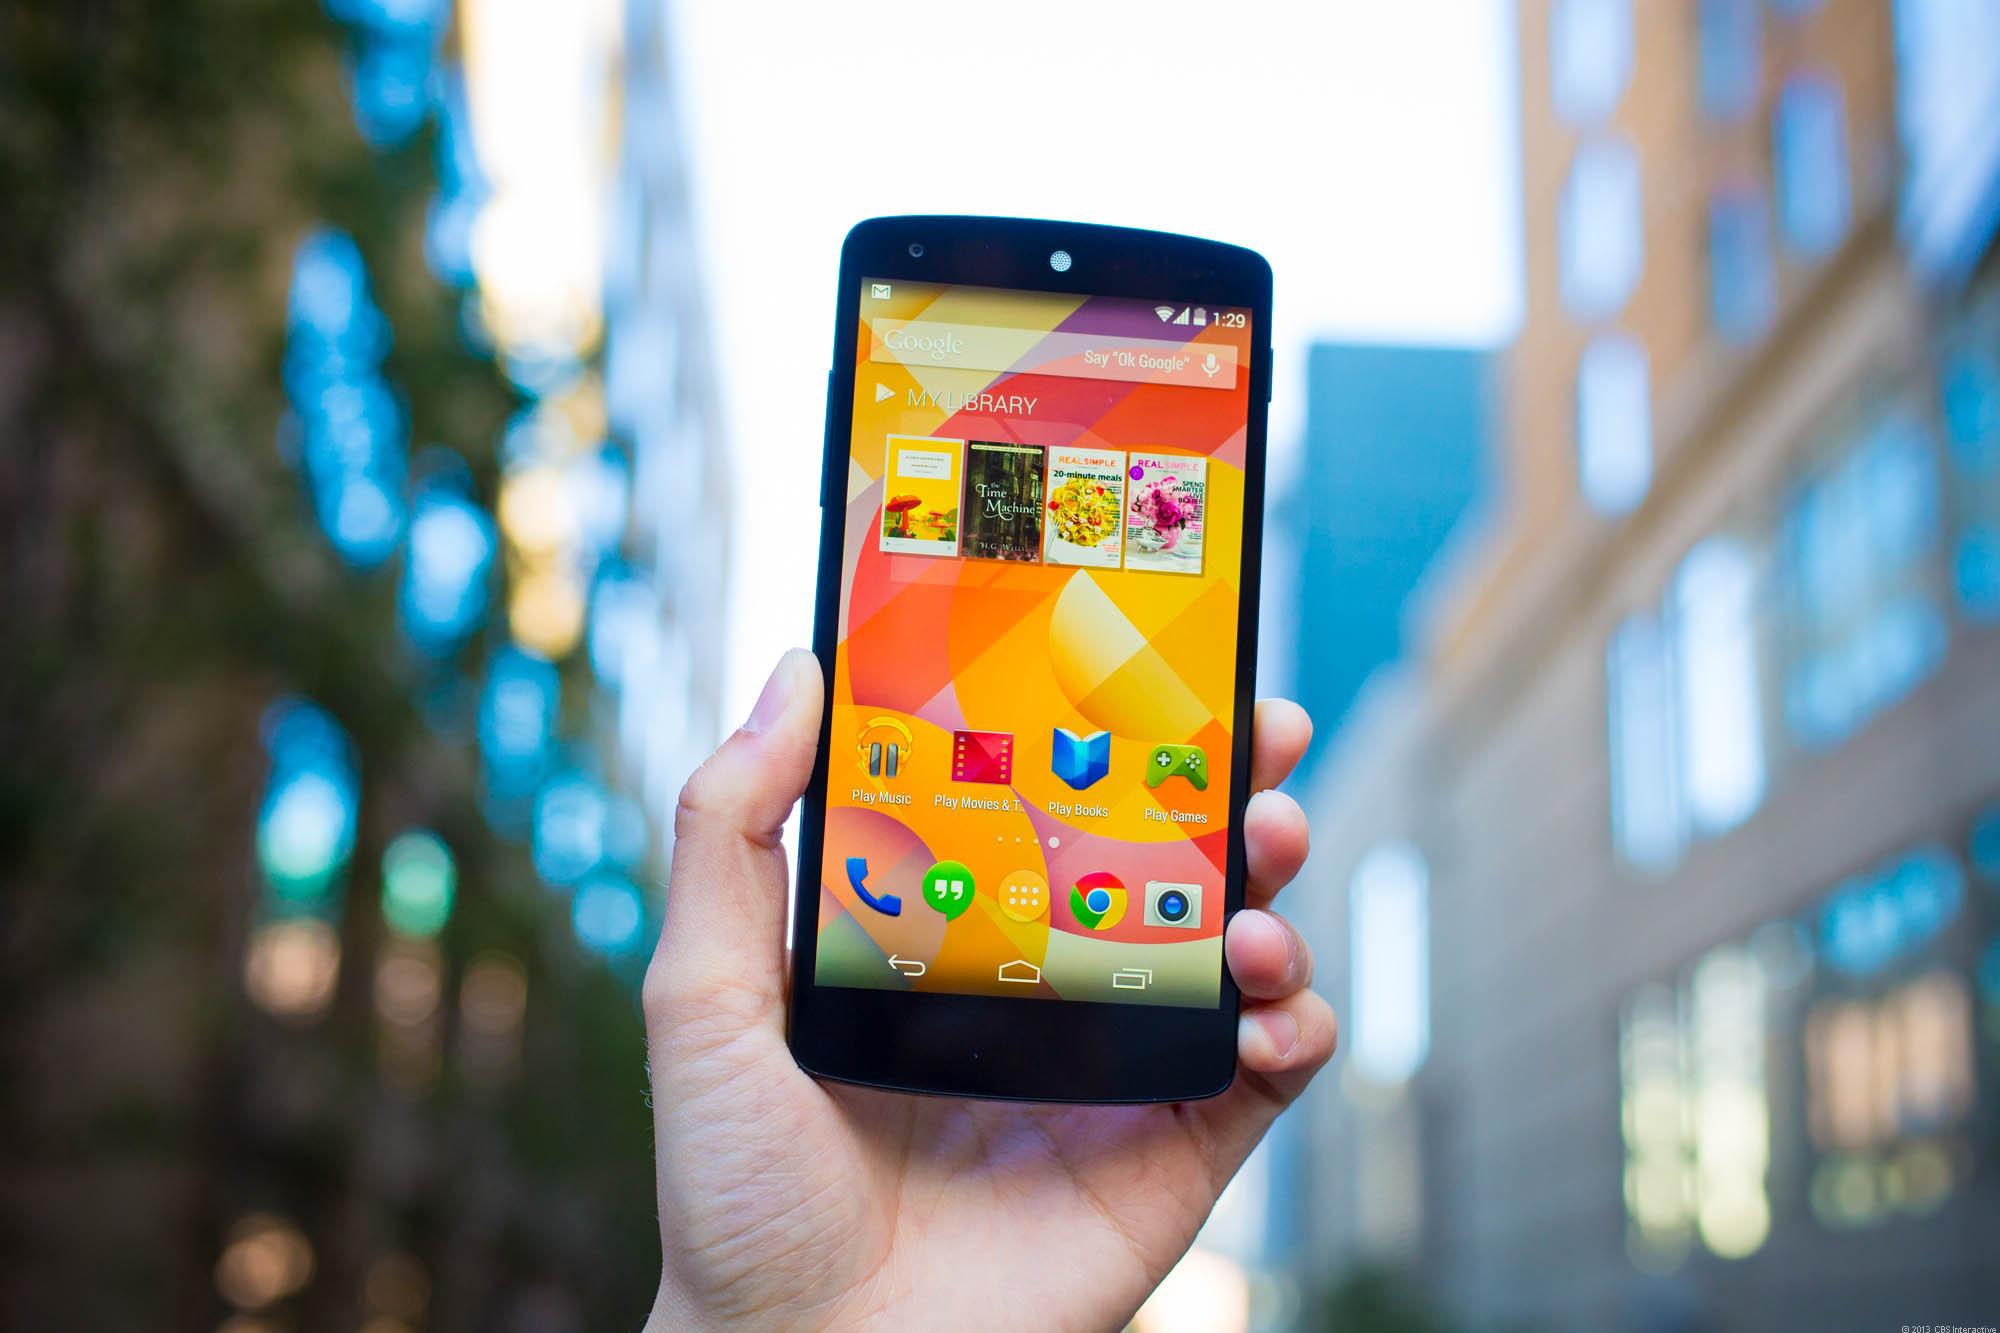 Nexus 5: come si comporta con i graffi e le cadute?